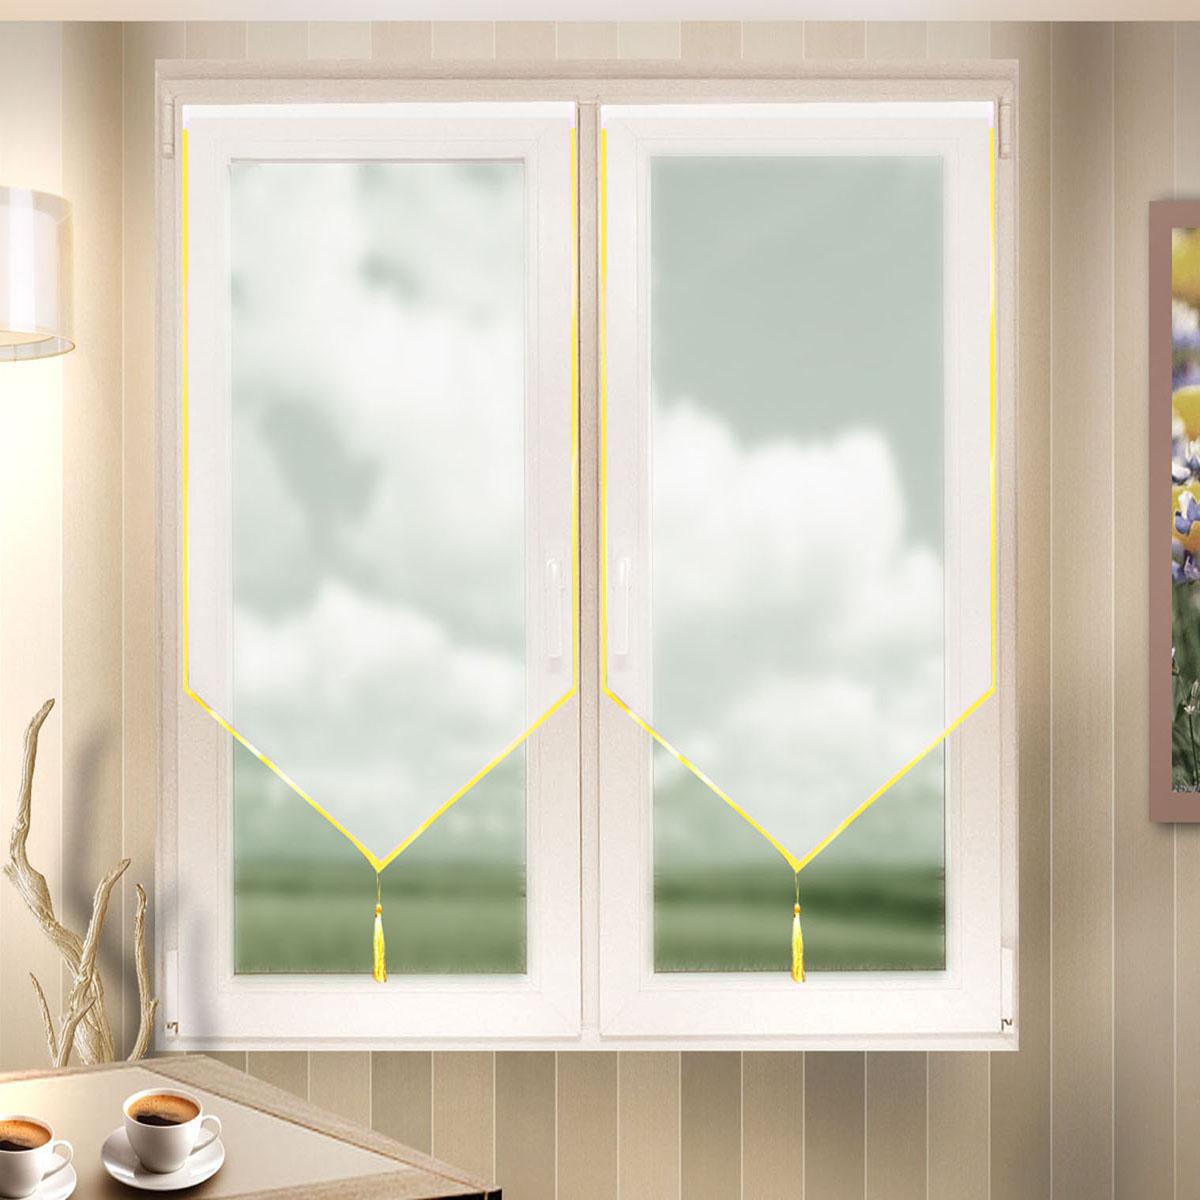 Гардина Zlata Korunka, цвет: белый, ширина 60 см, высота 120 см. 666022/11004900000360Лучшая альтернатива рулонным шторам на кухне – шторы на липкой ленте. Особенность этих штор заключается в том, что они имеют липкую основу в месте крепления . Лента или основа надежно и быстро крепится на раму окна, а на нее фиксируется сама штора.Размеры: ширина 60* высота 120